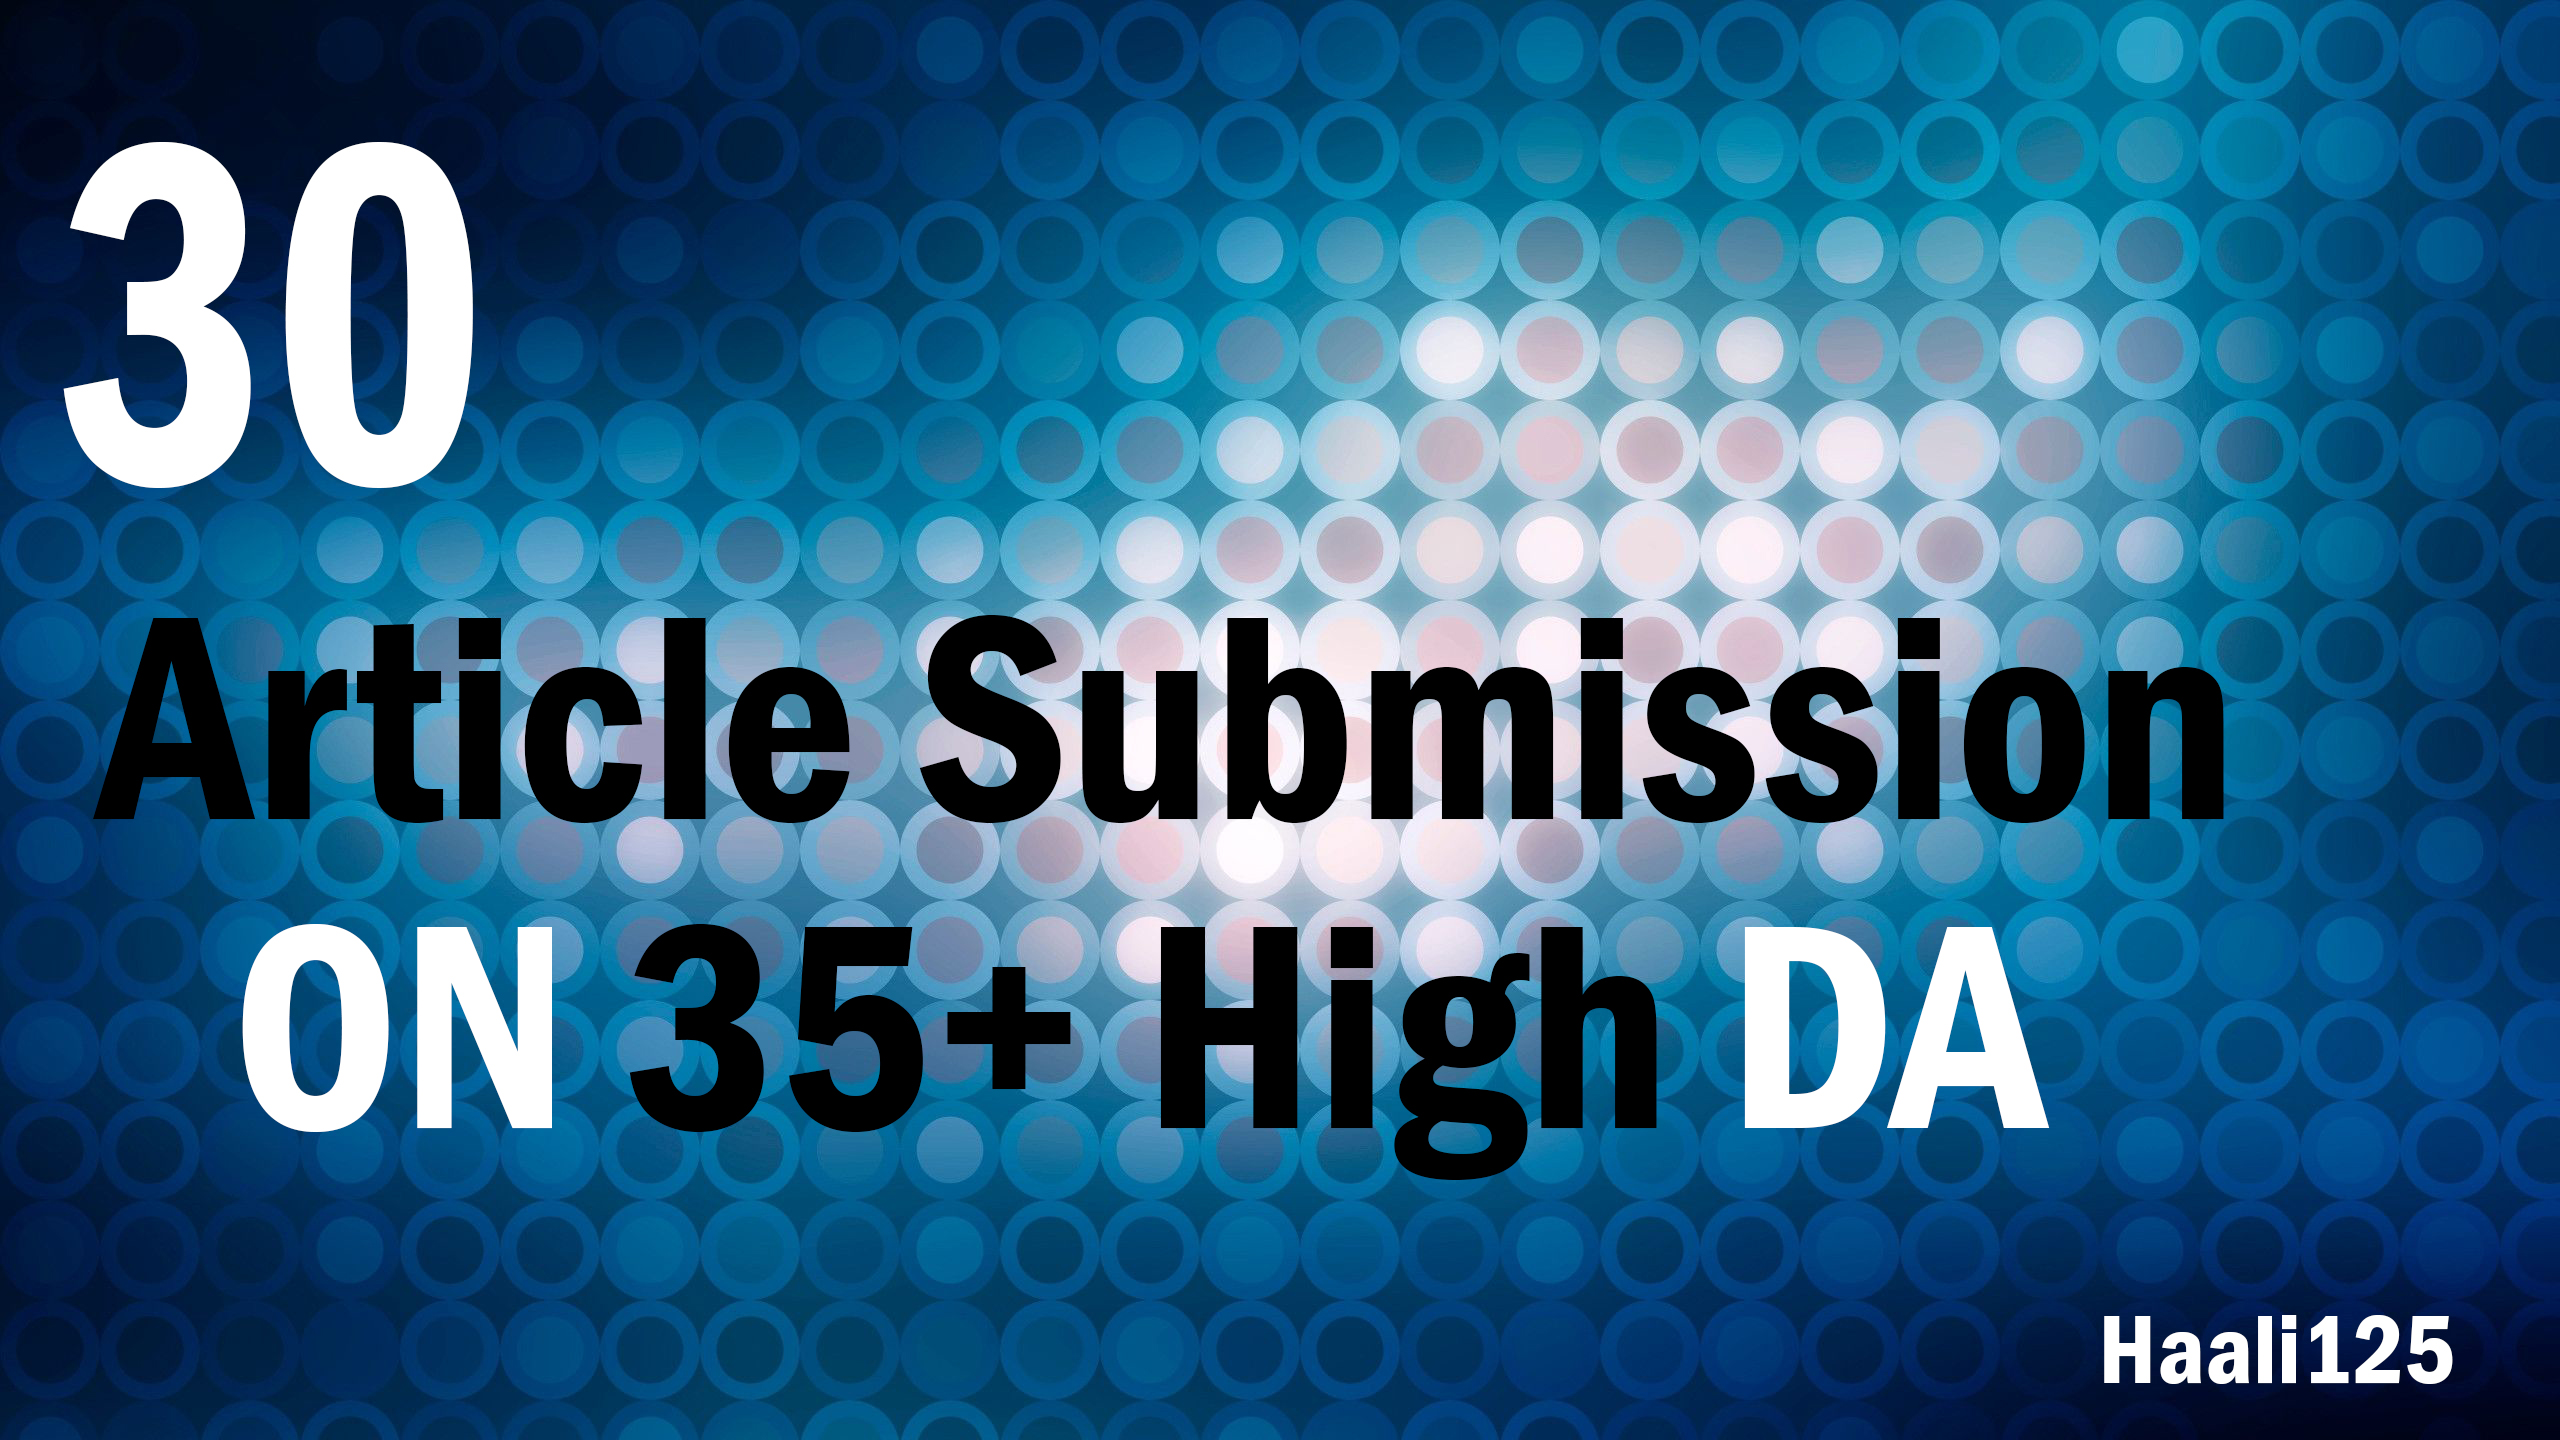 I will provide 30 article submission 35+ high DA